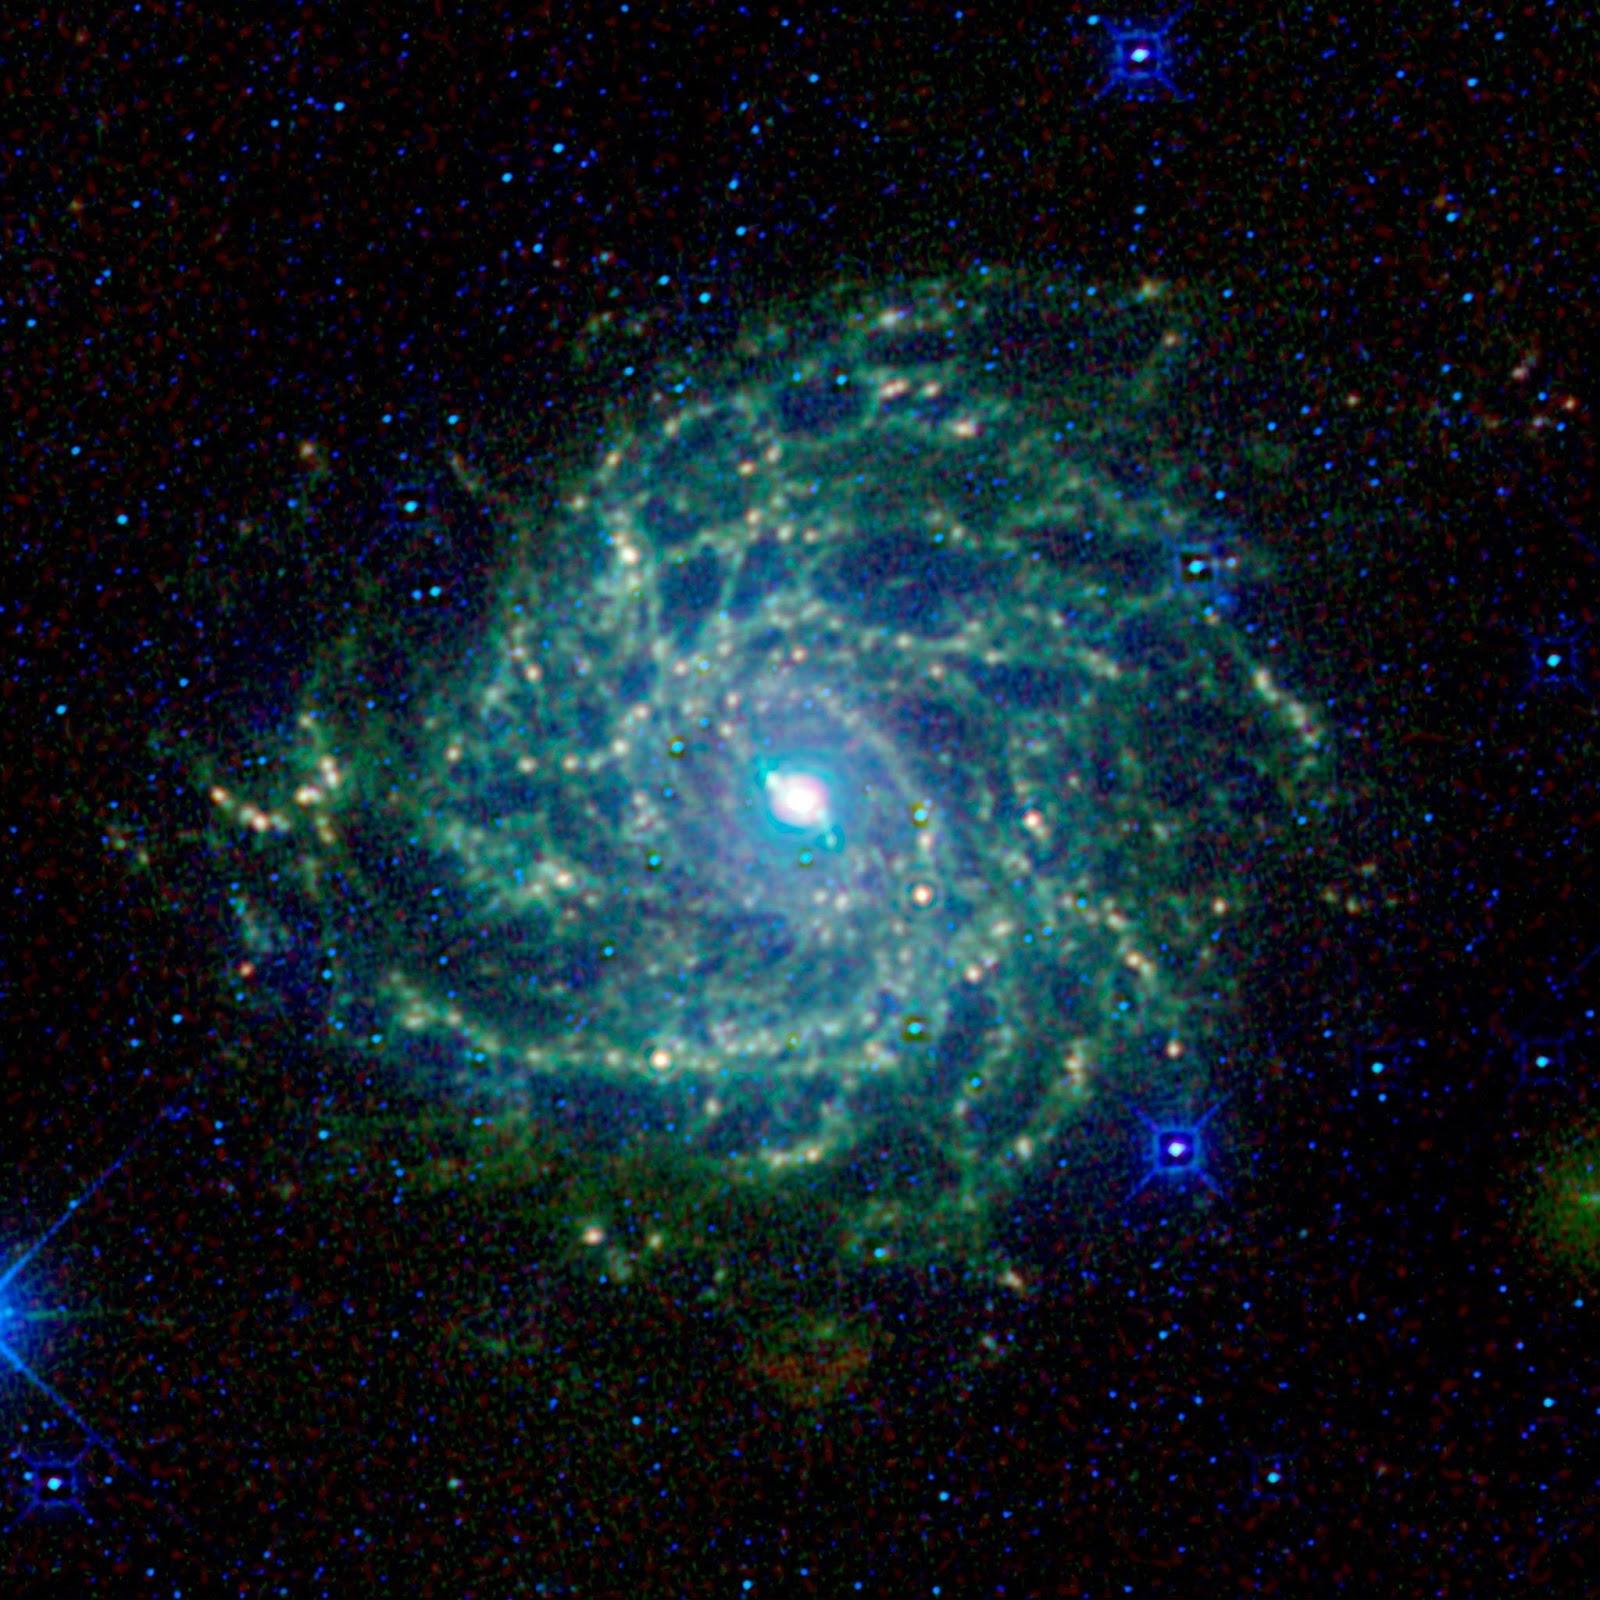 """Ο Σπειροειδής Γαλαξίας IC 342 ονομάζεται επίσης """"κρυφός γαλαξίας"""". Ο γαλαξίας αυτός κρύβεται πίσω από τον γαλαξία Milky way, τον δικό μας γαλαξία. Το έργο WISE της NASA τον έκανε ορατό με υπέρυθρη όραση."""